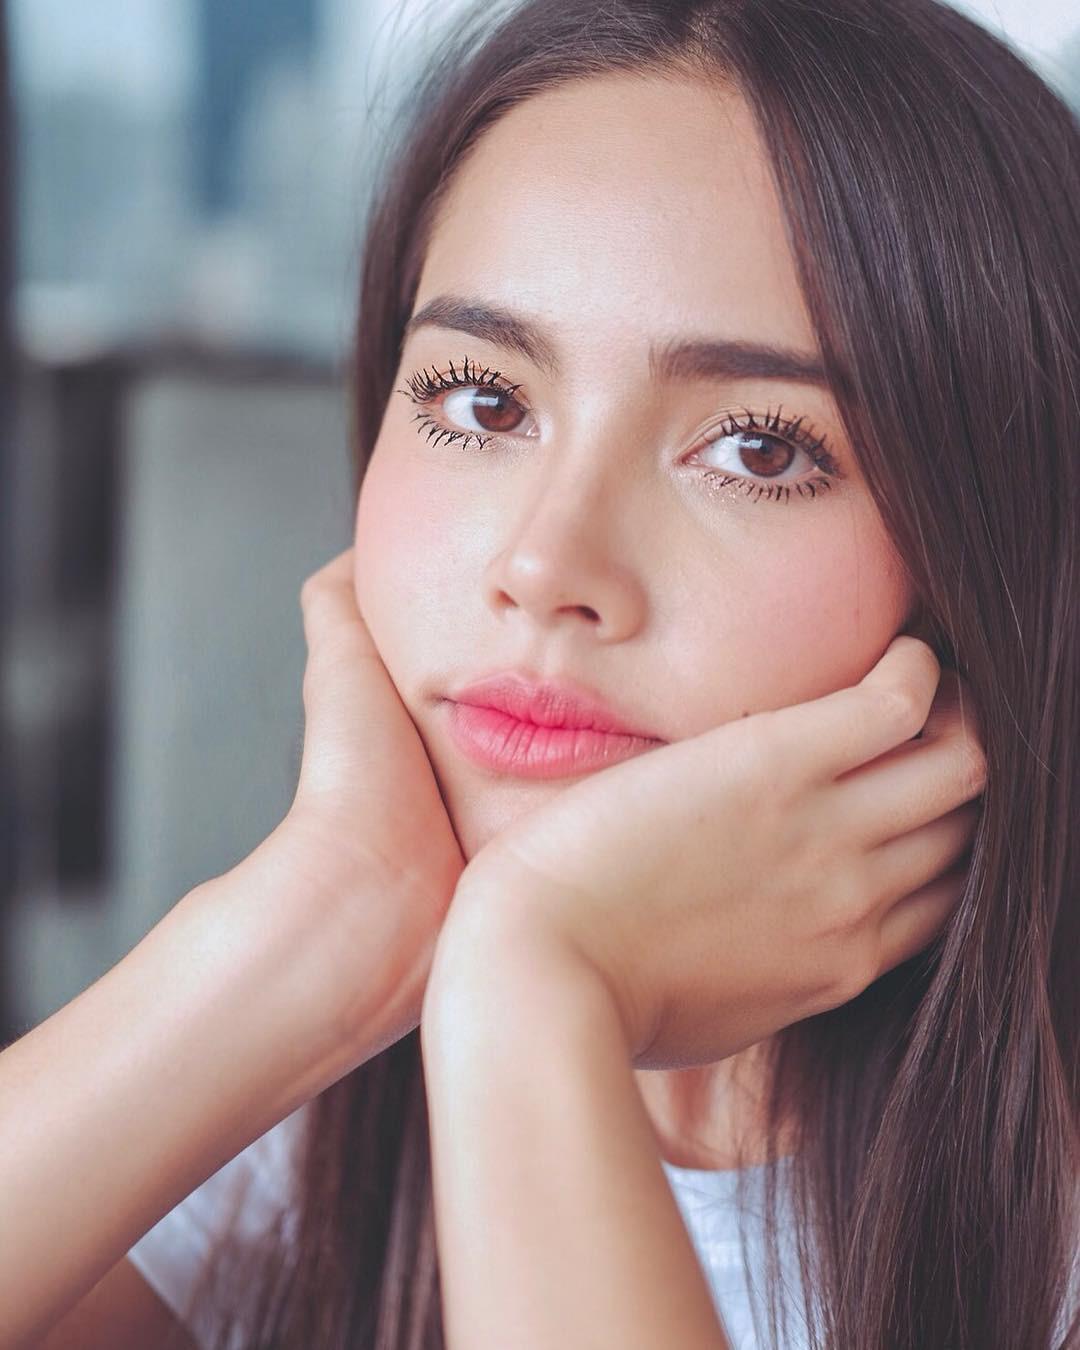 Top 10 mỹ nhân đẹp nhất đài truyền hình quyền lực Thái Lan: Toàn 9X đắt giá nhưng vẫn bị chị đại quyền lực vượt mặt - Ảnh 25.